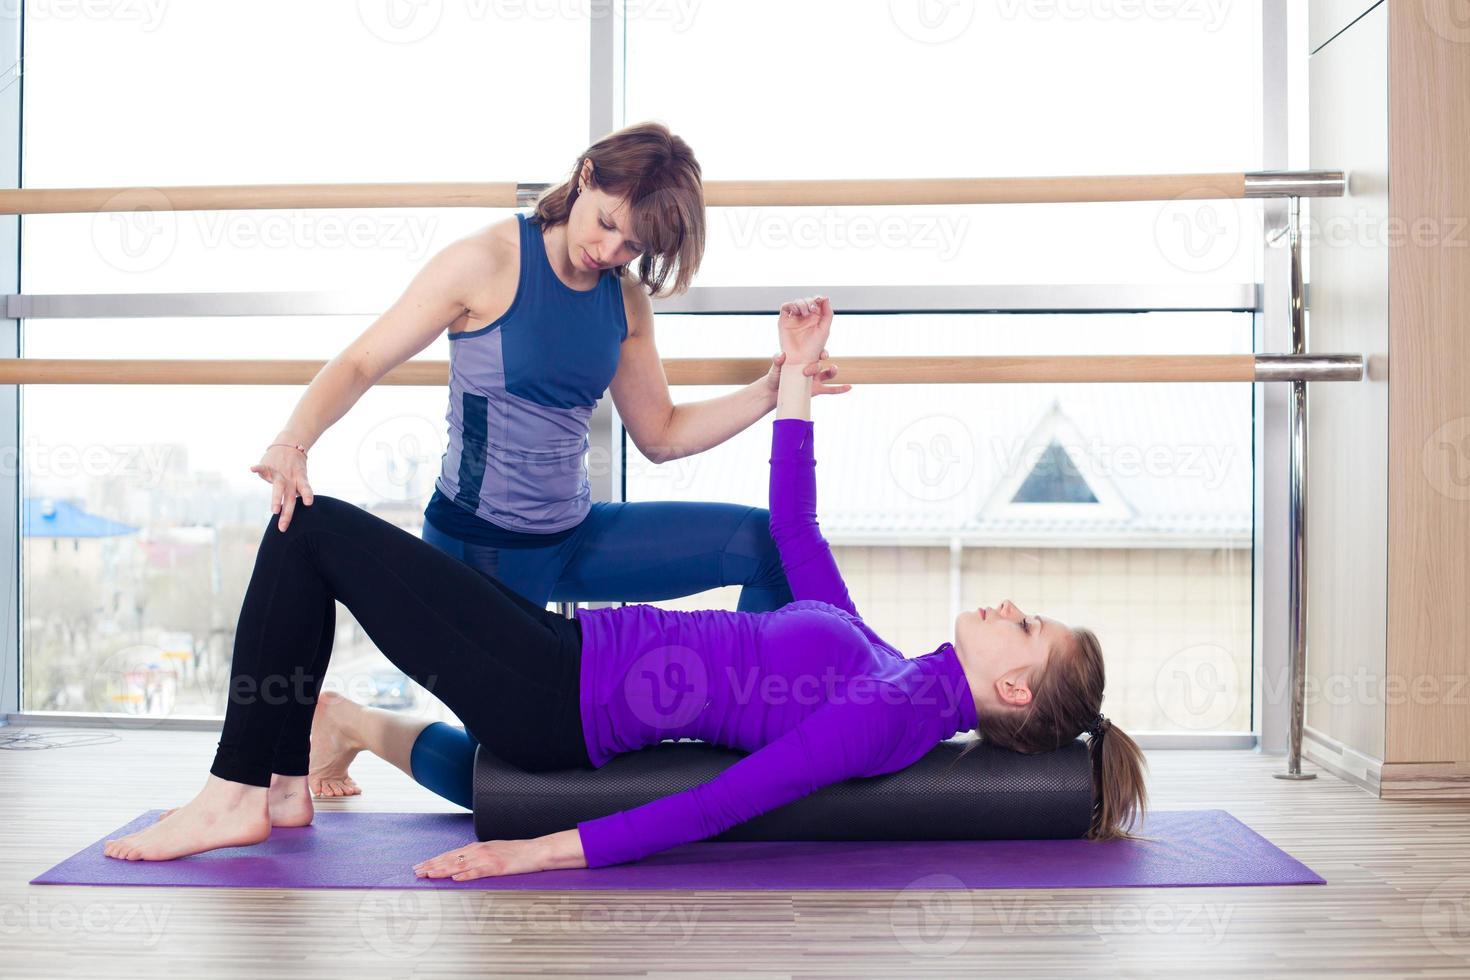 aérobic pilates entraîneur personnel aidant un groupe de femmes dans une salle de sport photo